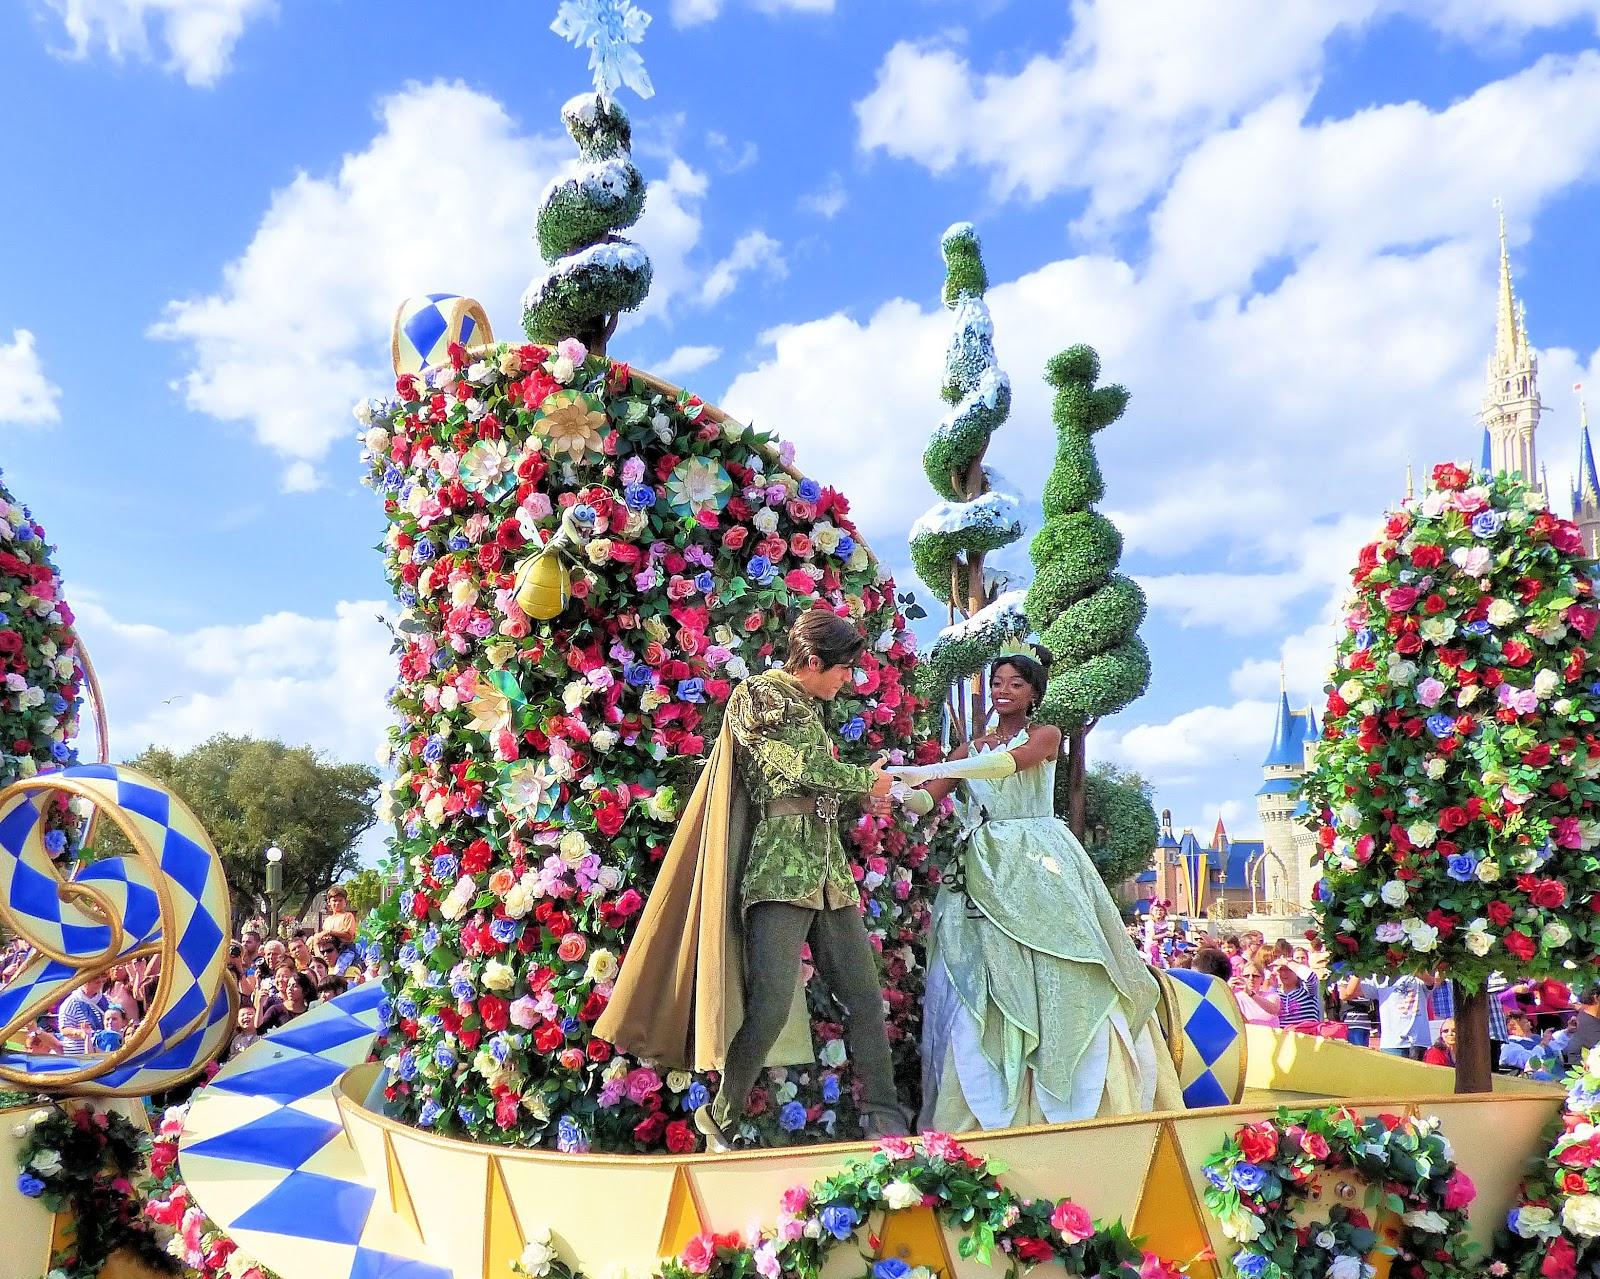 4. La princesa y el sapo